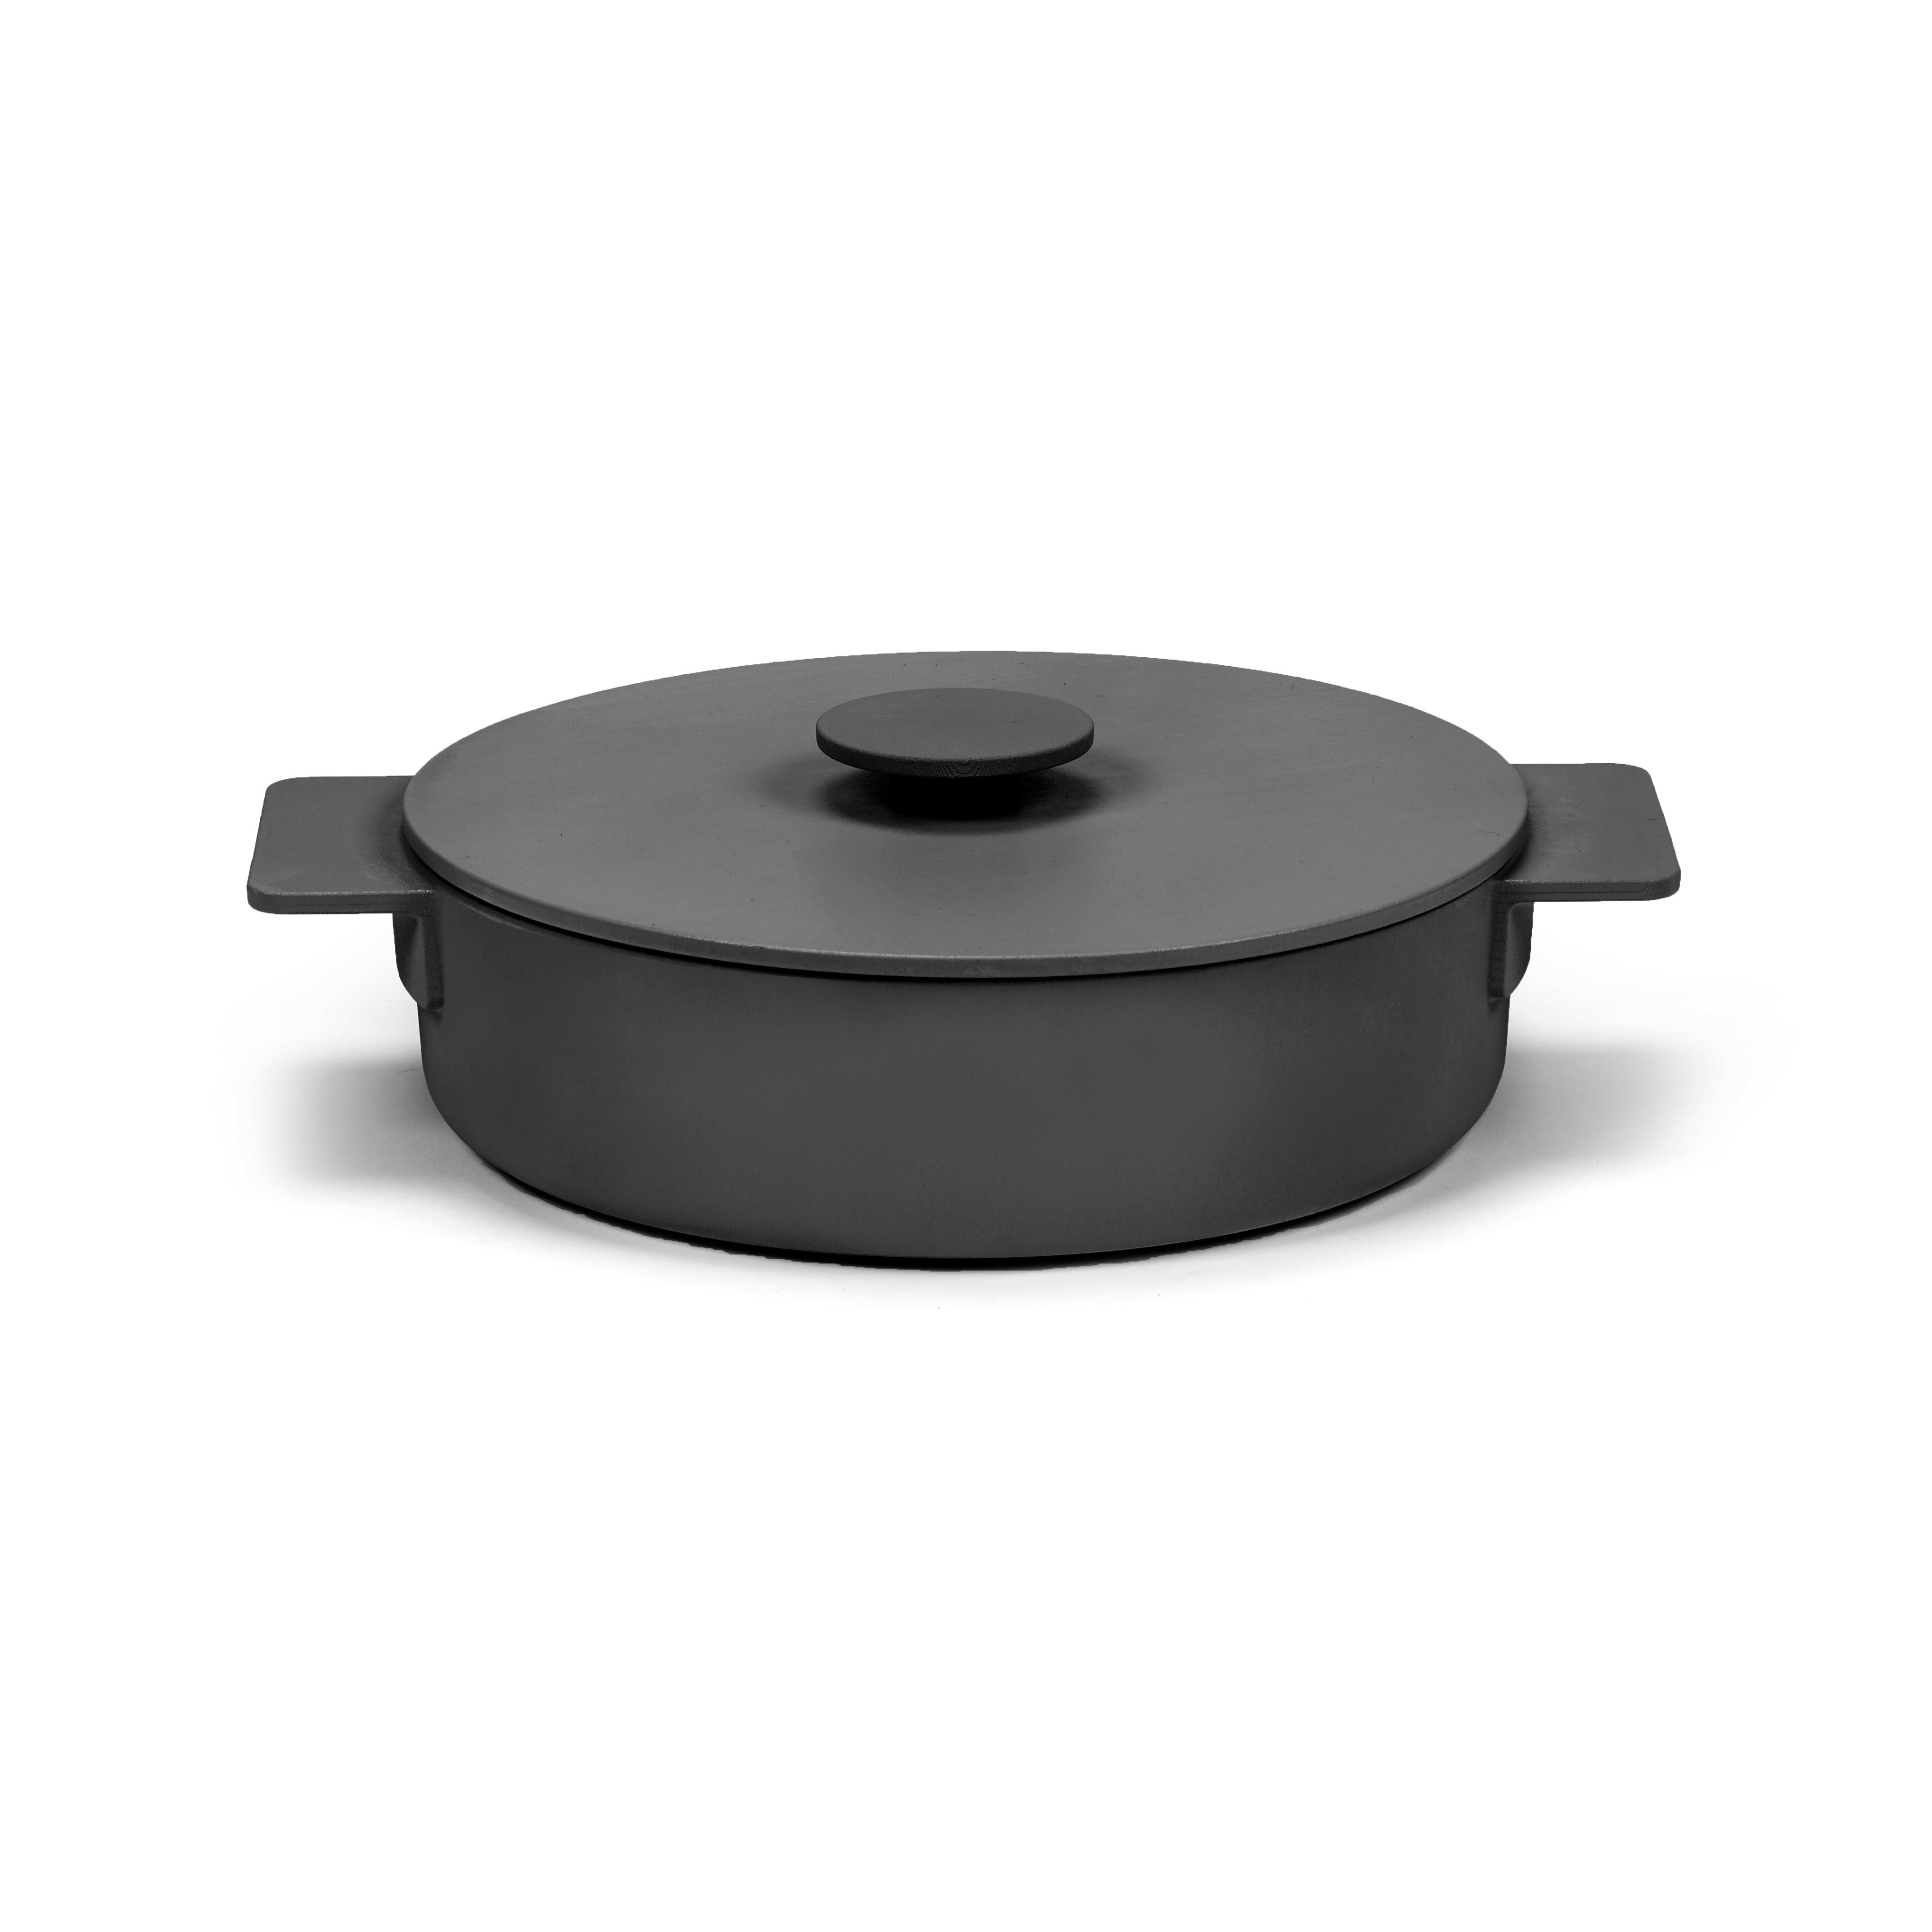 Kasserolle Oberflächenemaille   Schwarz-23 cm